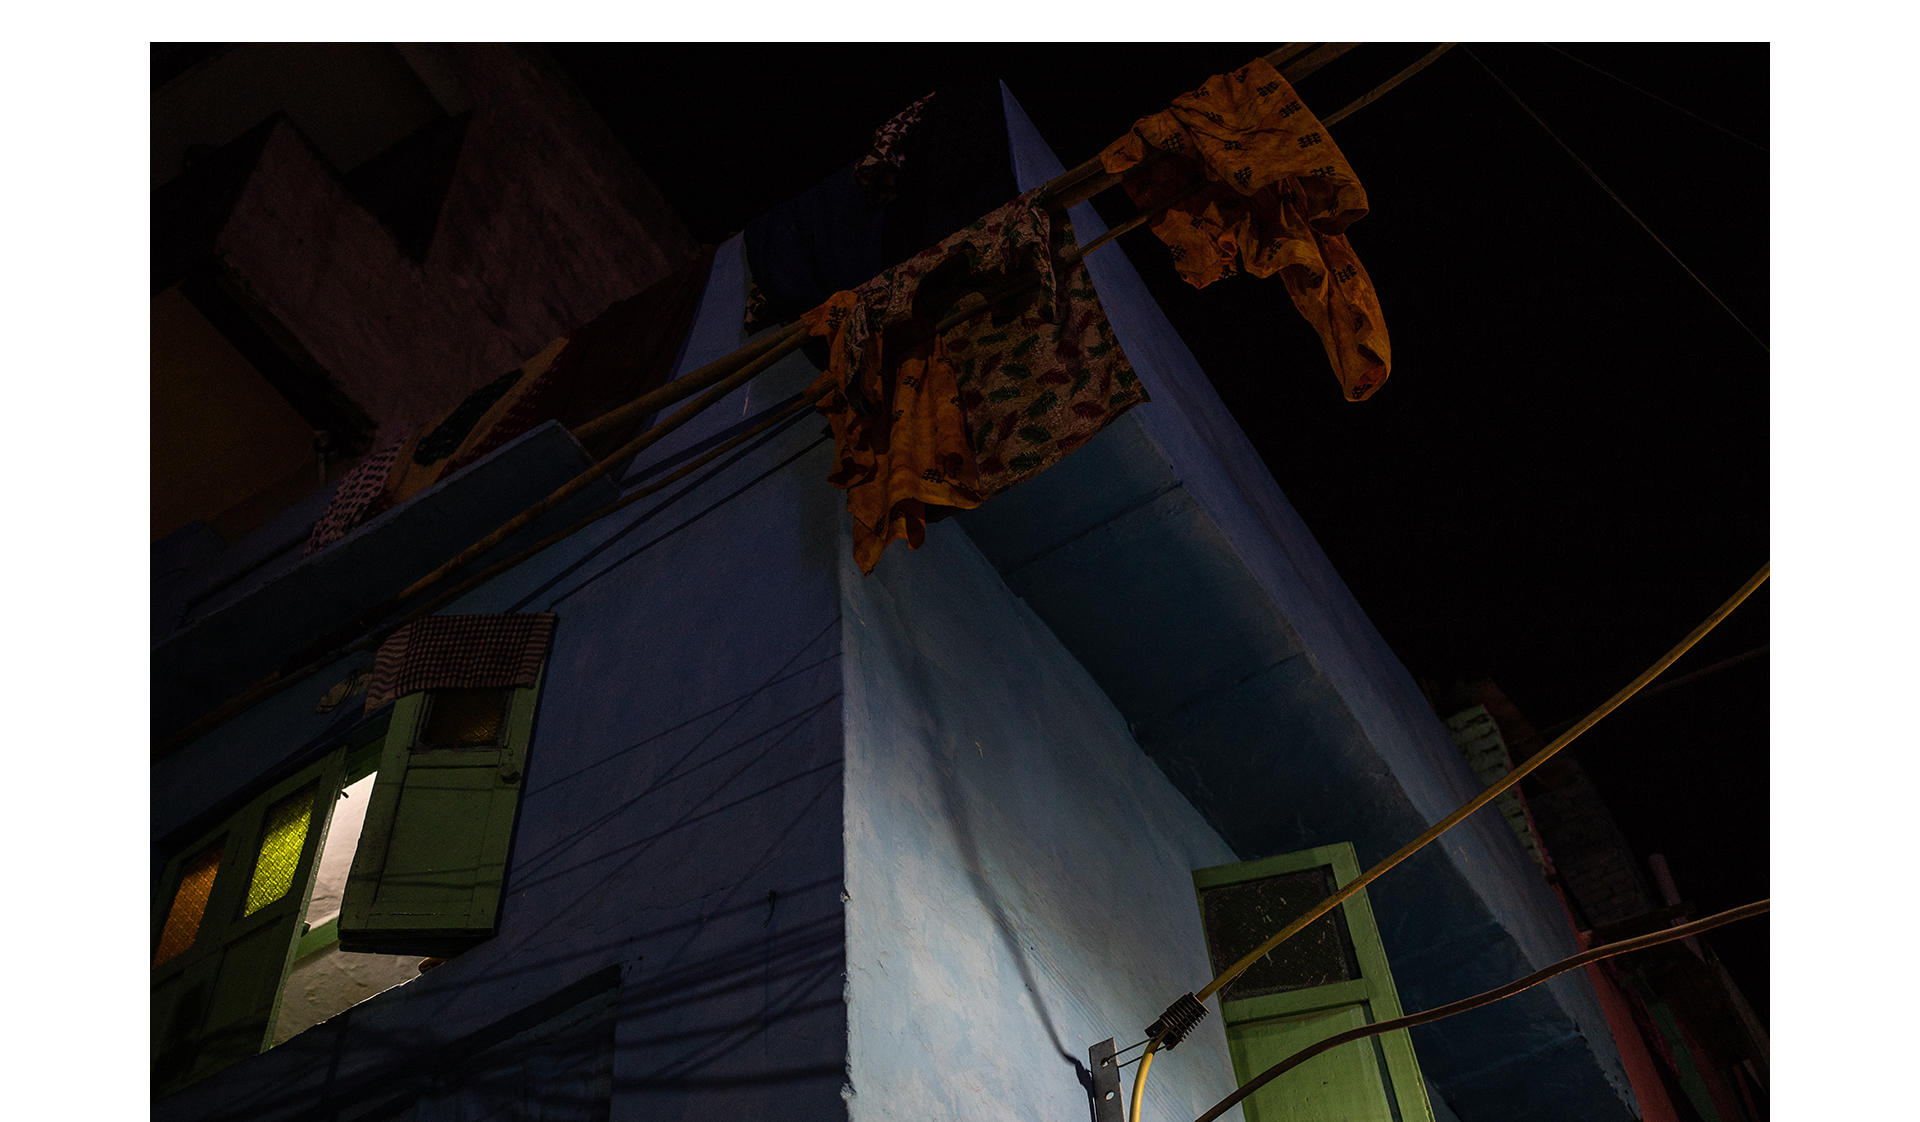 Roupas femininas na área externa de uma casa na Índia. Em 2014, a Suprema Corte indiana reconheceu pessoas transexuais como um terceiro gênero. Desde então, as hijras passaram a ter acesso à educação e à participação em projetos sociais, entre outros direitos. A decisão ainda não traz mudanças significativas na vida de muitas mulheres trans que não possuem espaço no mercado de trabalho e precisam se prostituir para sobreviver